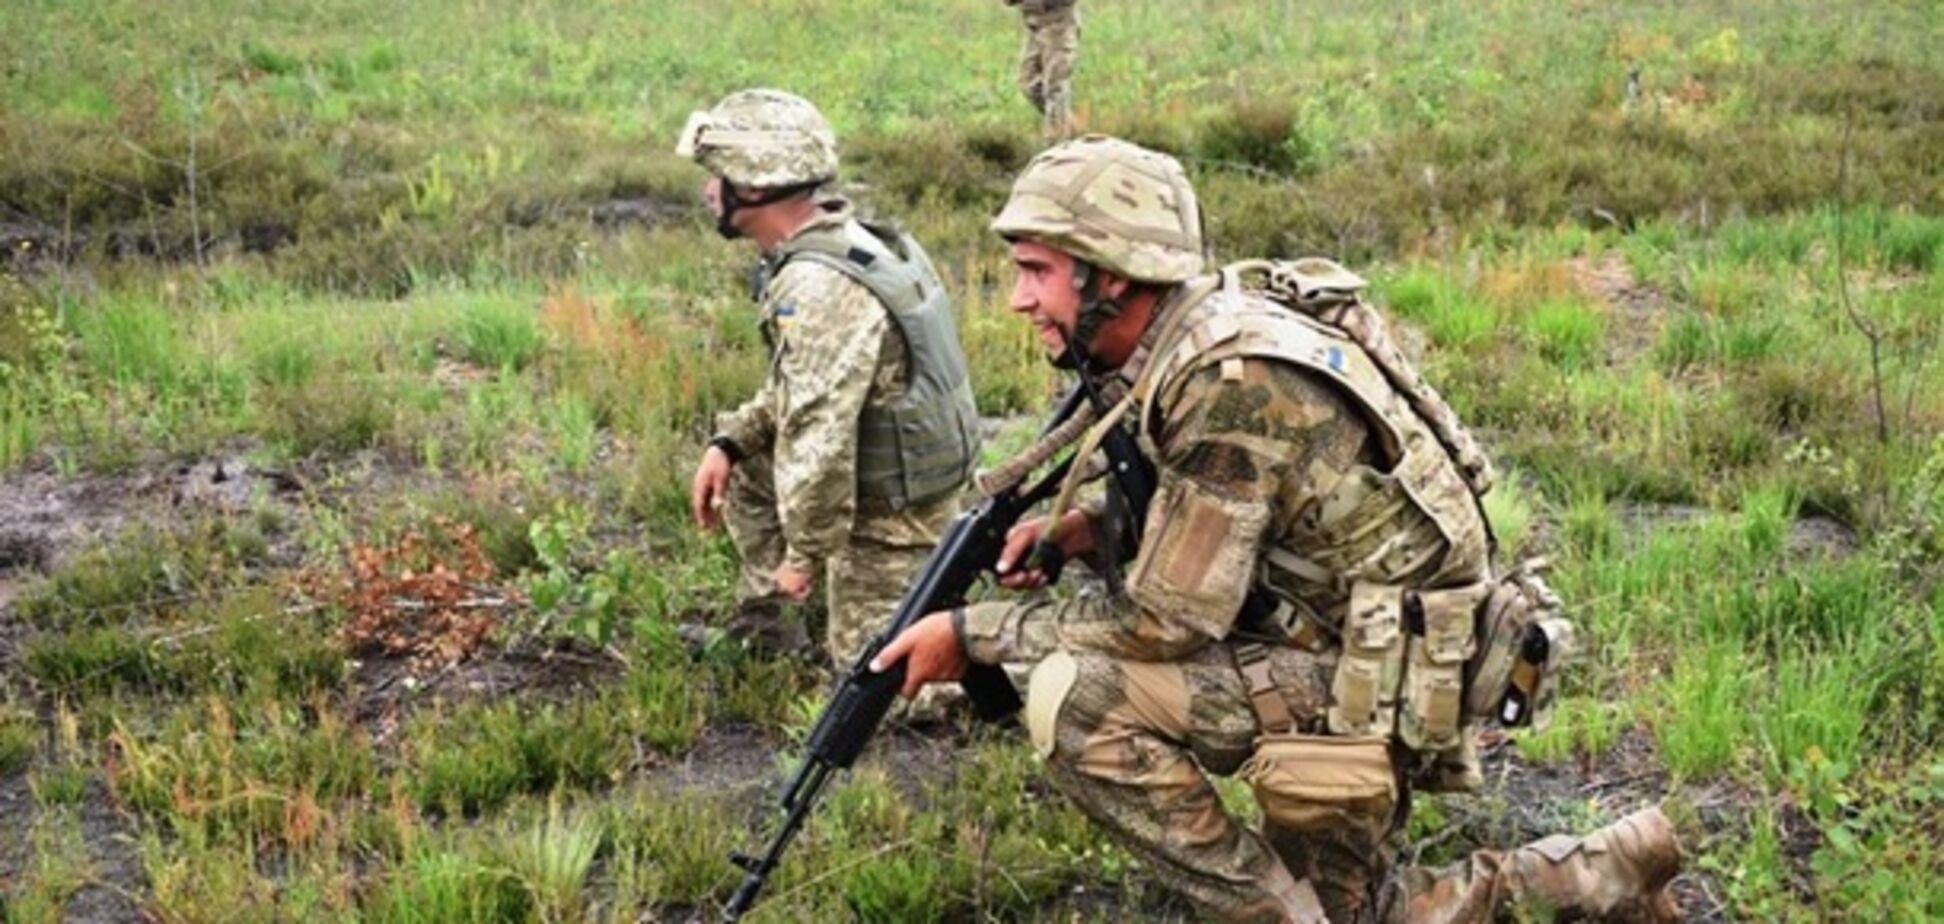 Ситуація на Донбасі загострилася: снайпер підстрелив бійця ЗСУ